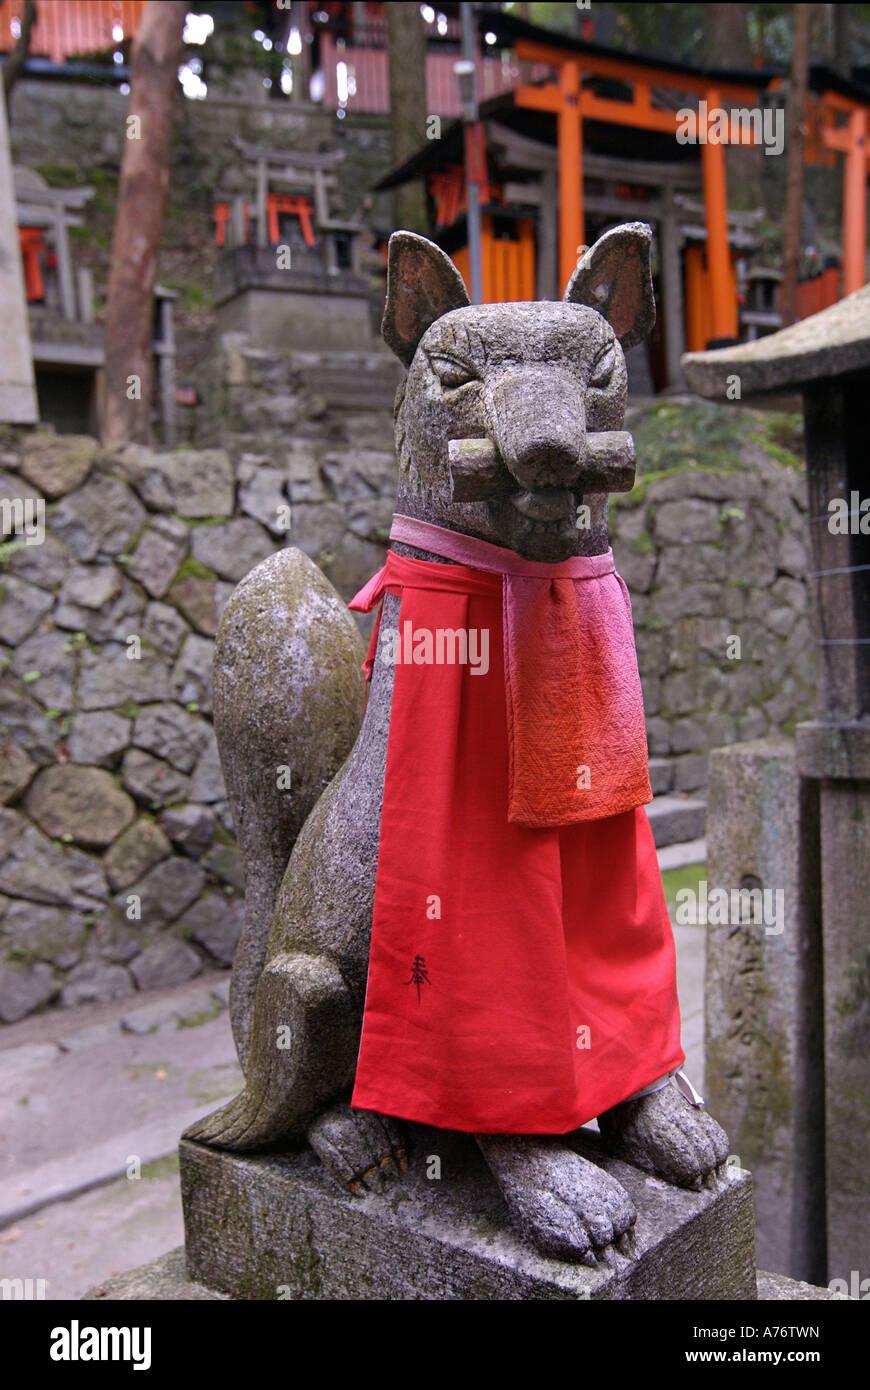 Baby inari fox for sale - Stone Sculpture Of A Fox With Red Bib Inari Statue Fushimi Inari Taisha Shrine In Kyoto